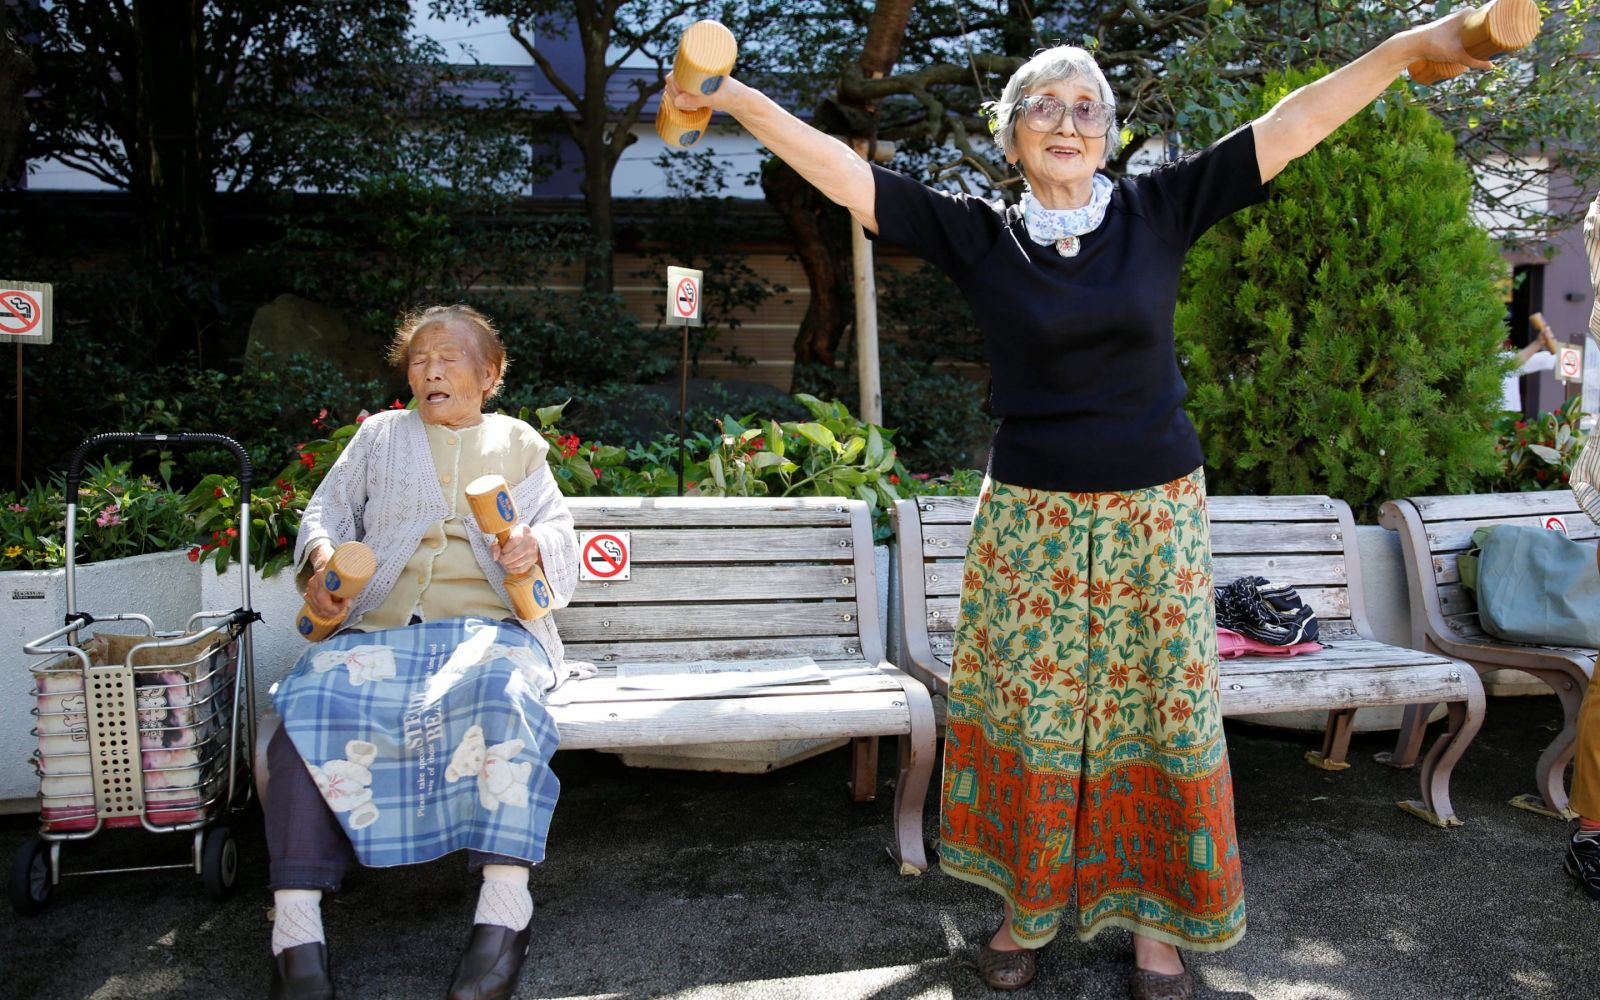 Người Nhật sống thọ hoá ra cũng nhờ vào thói quen mà nhiều quốc gia khác không thích, nhìn vào lợi ích có lẽ chúng ta phải nghĩ lại